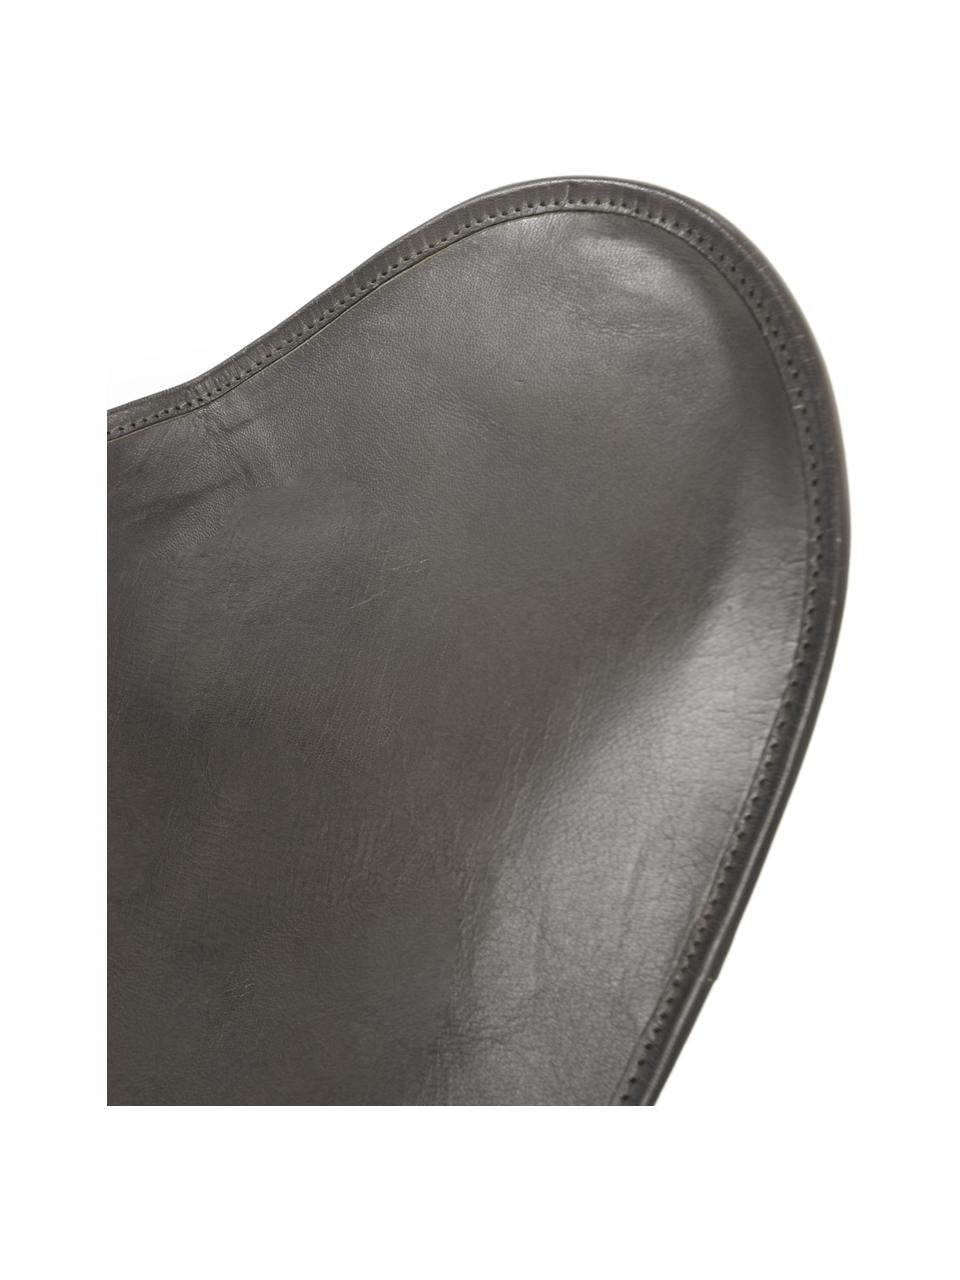 Poltrona in pelle Butterfly, Rivestimento: pelle, Struttura: metallo verniciato, Grigio, Larg. 56 x Prof. 84 cm